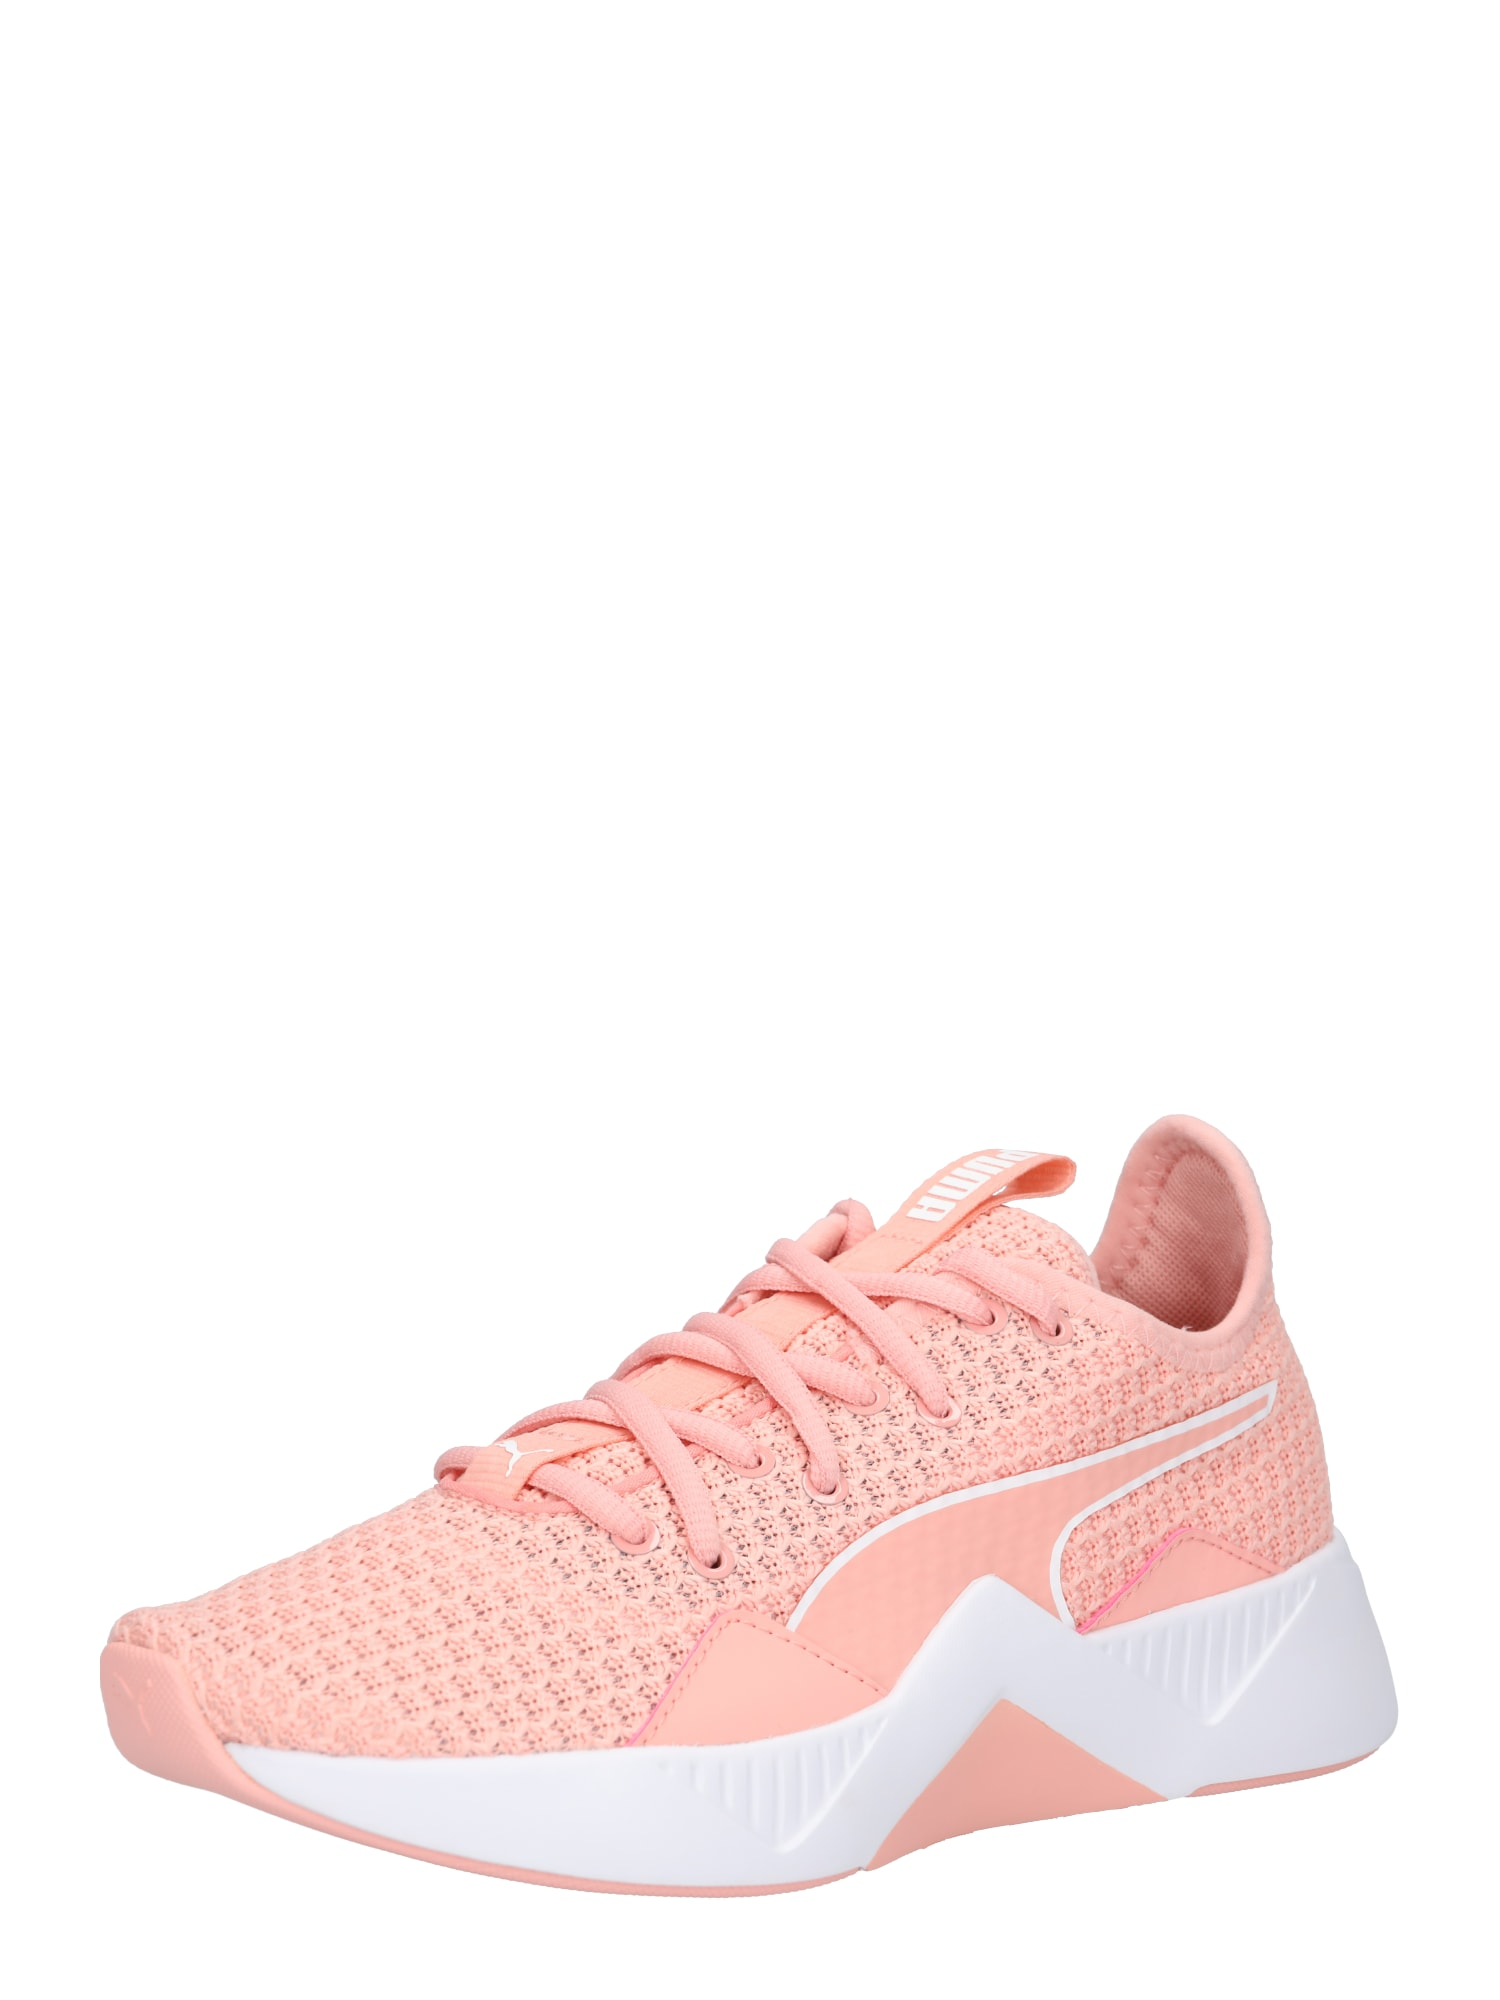 Sportovní boty Incite FS Wns starorůžová bílá PUMA